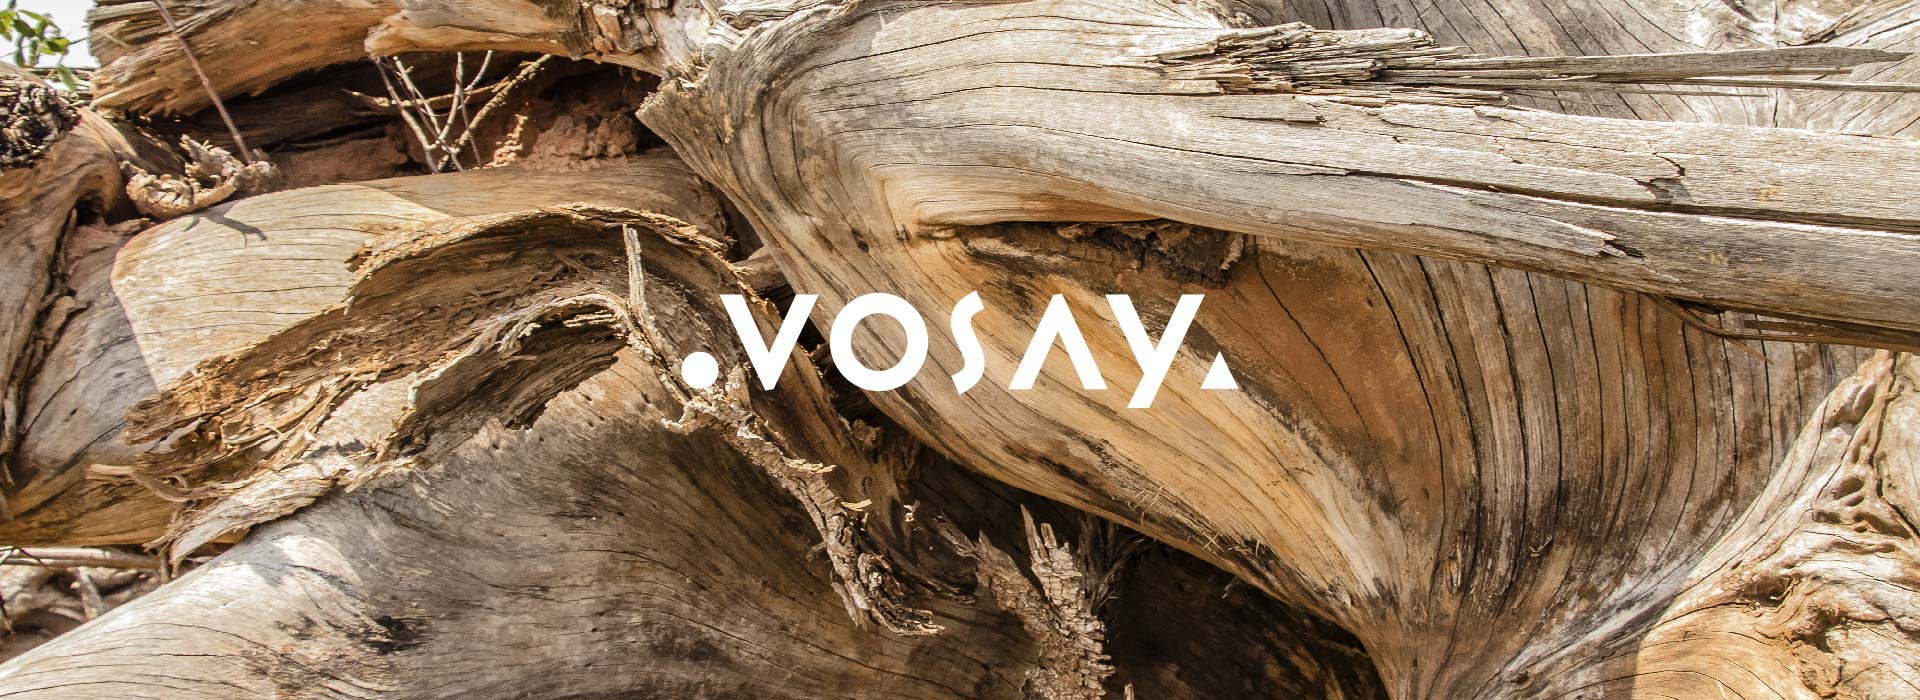 Vosay-FeaturedImage-alt